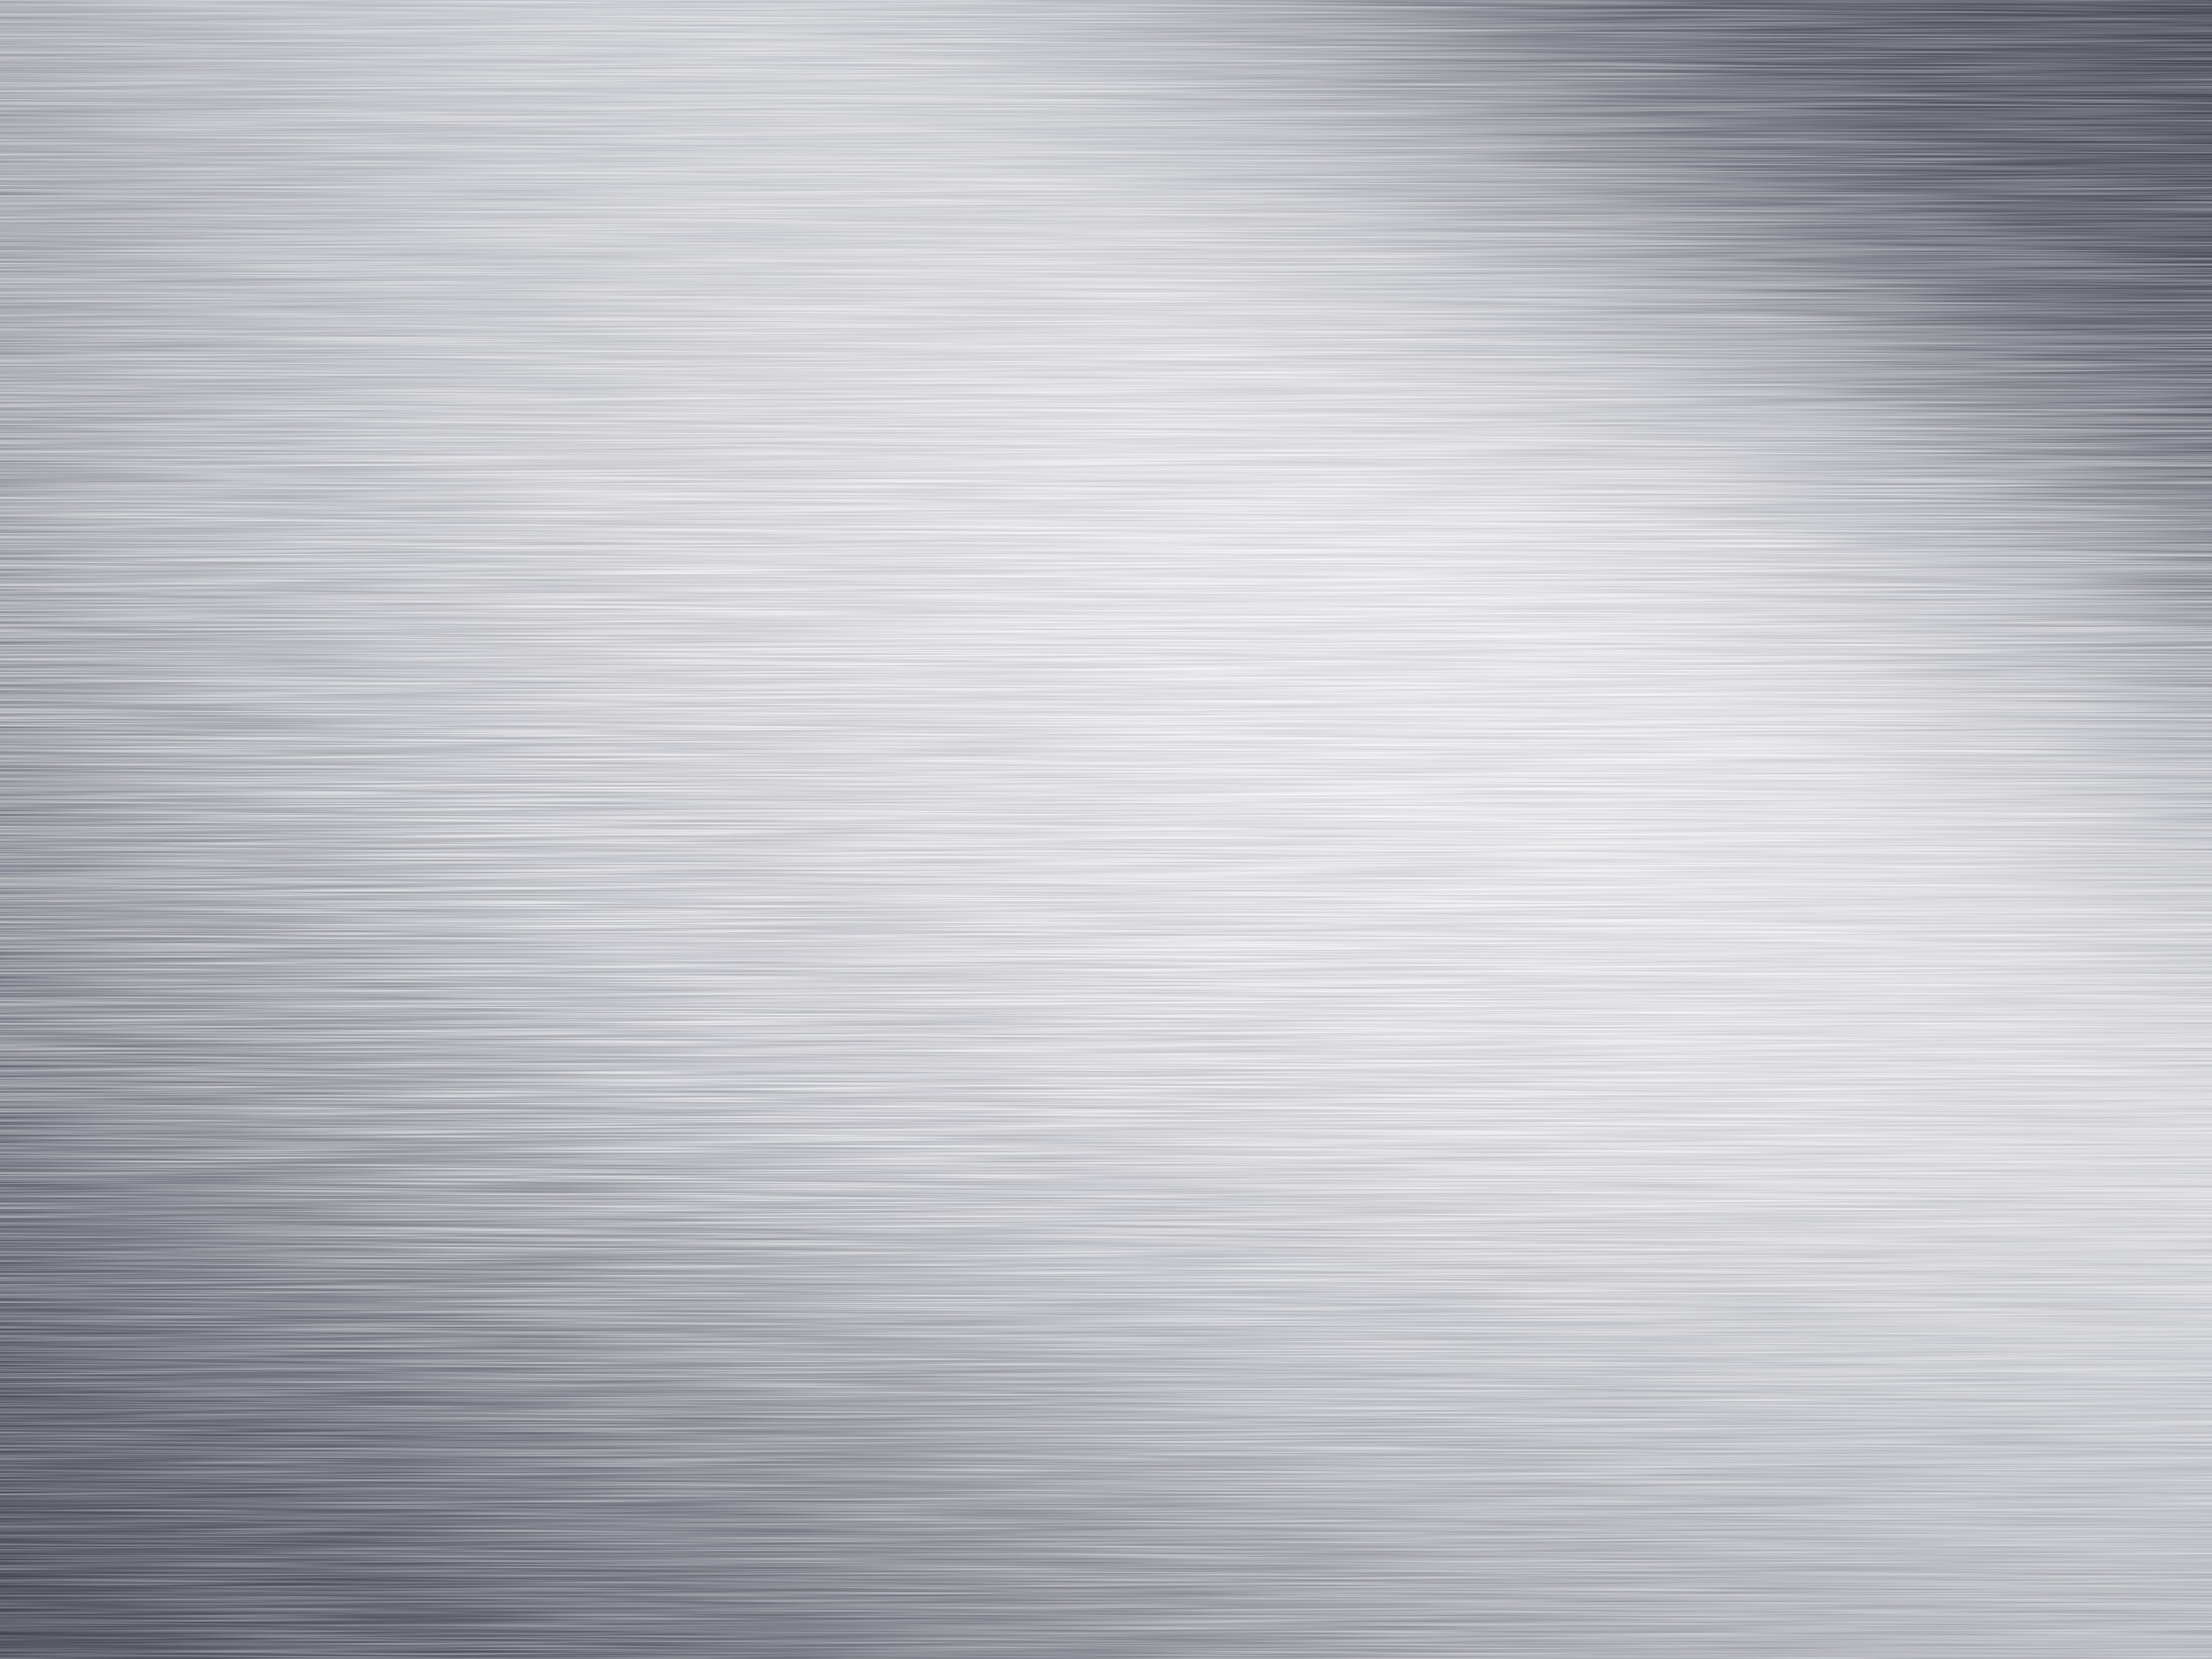 Текстура алюминия круглый  № 2288721 загрузить